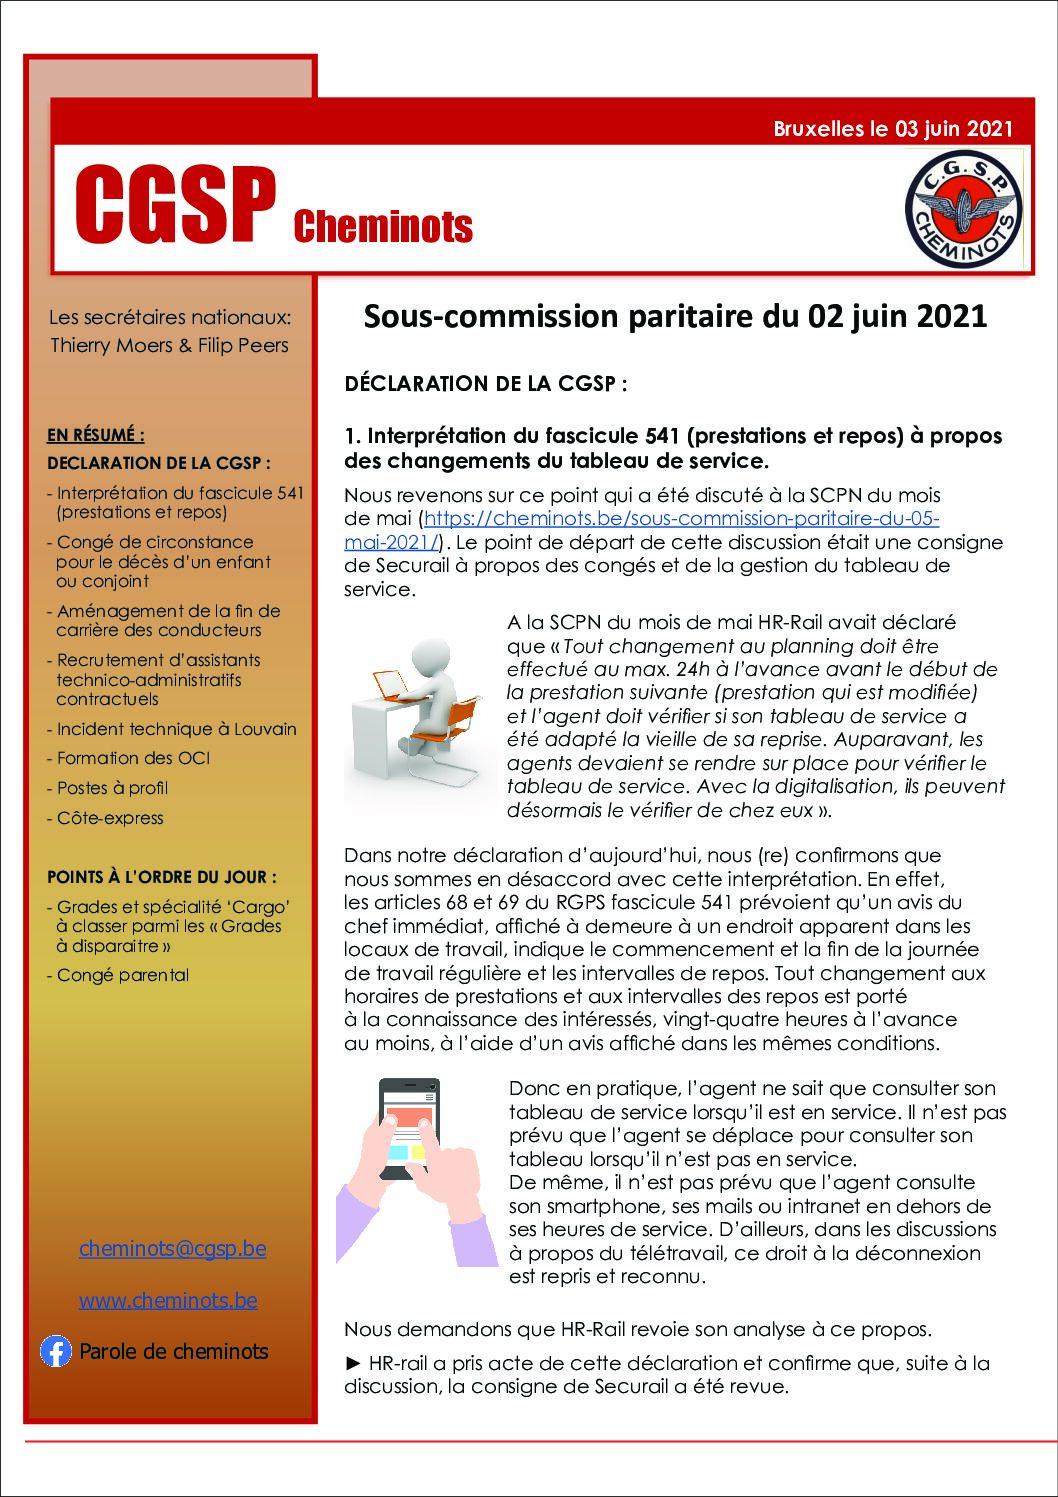 Sous-commission paritaire du 02 juin 2021